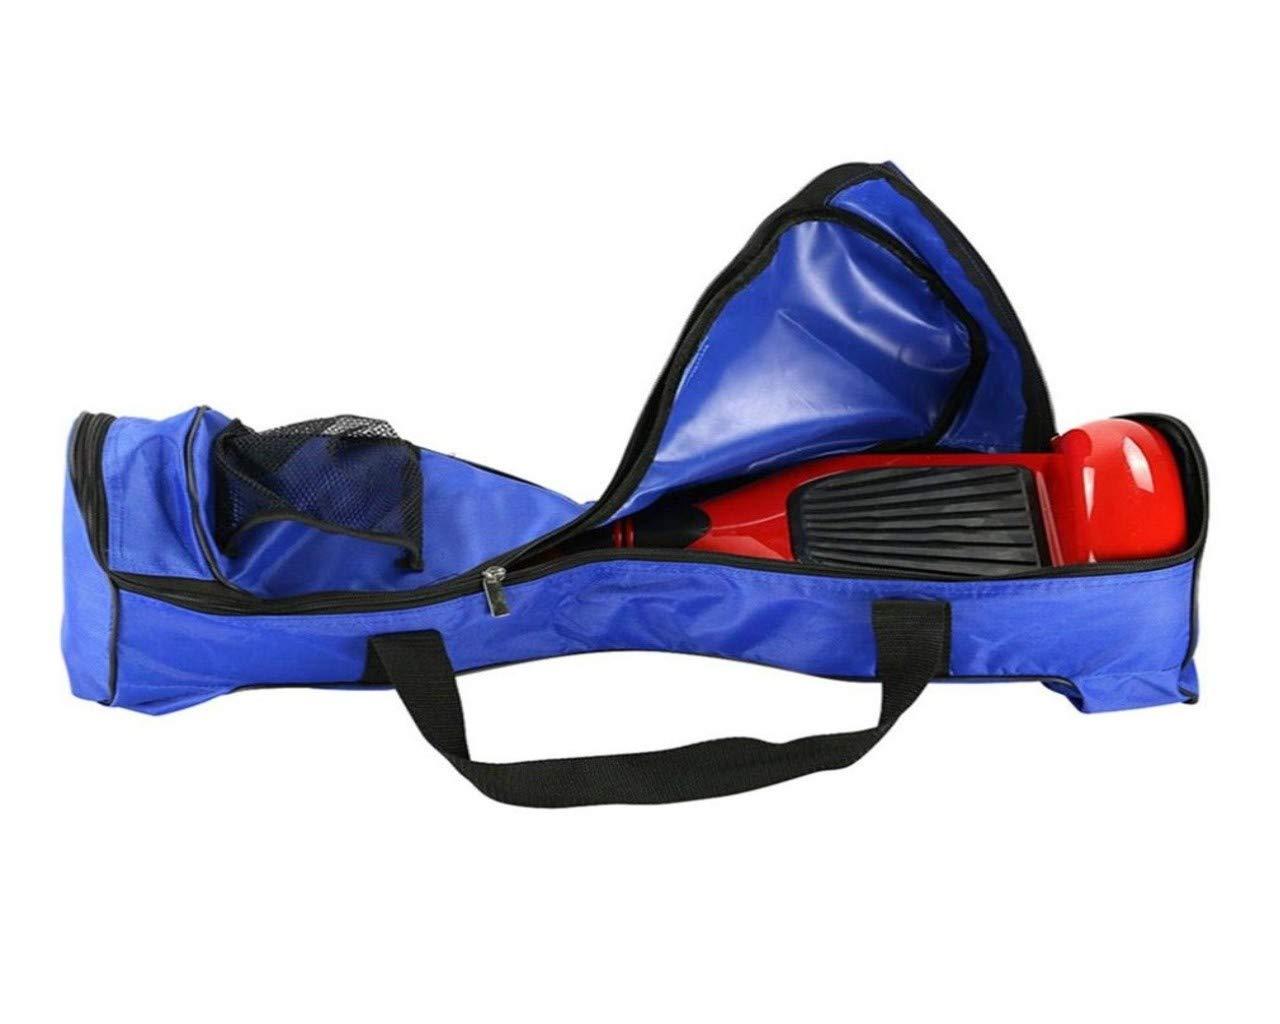 Bolsa de Transporte para hoverboards//Patinete el/éctrico de 6.5